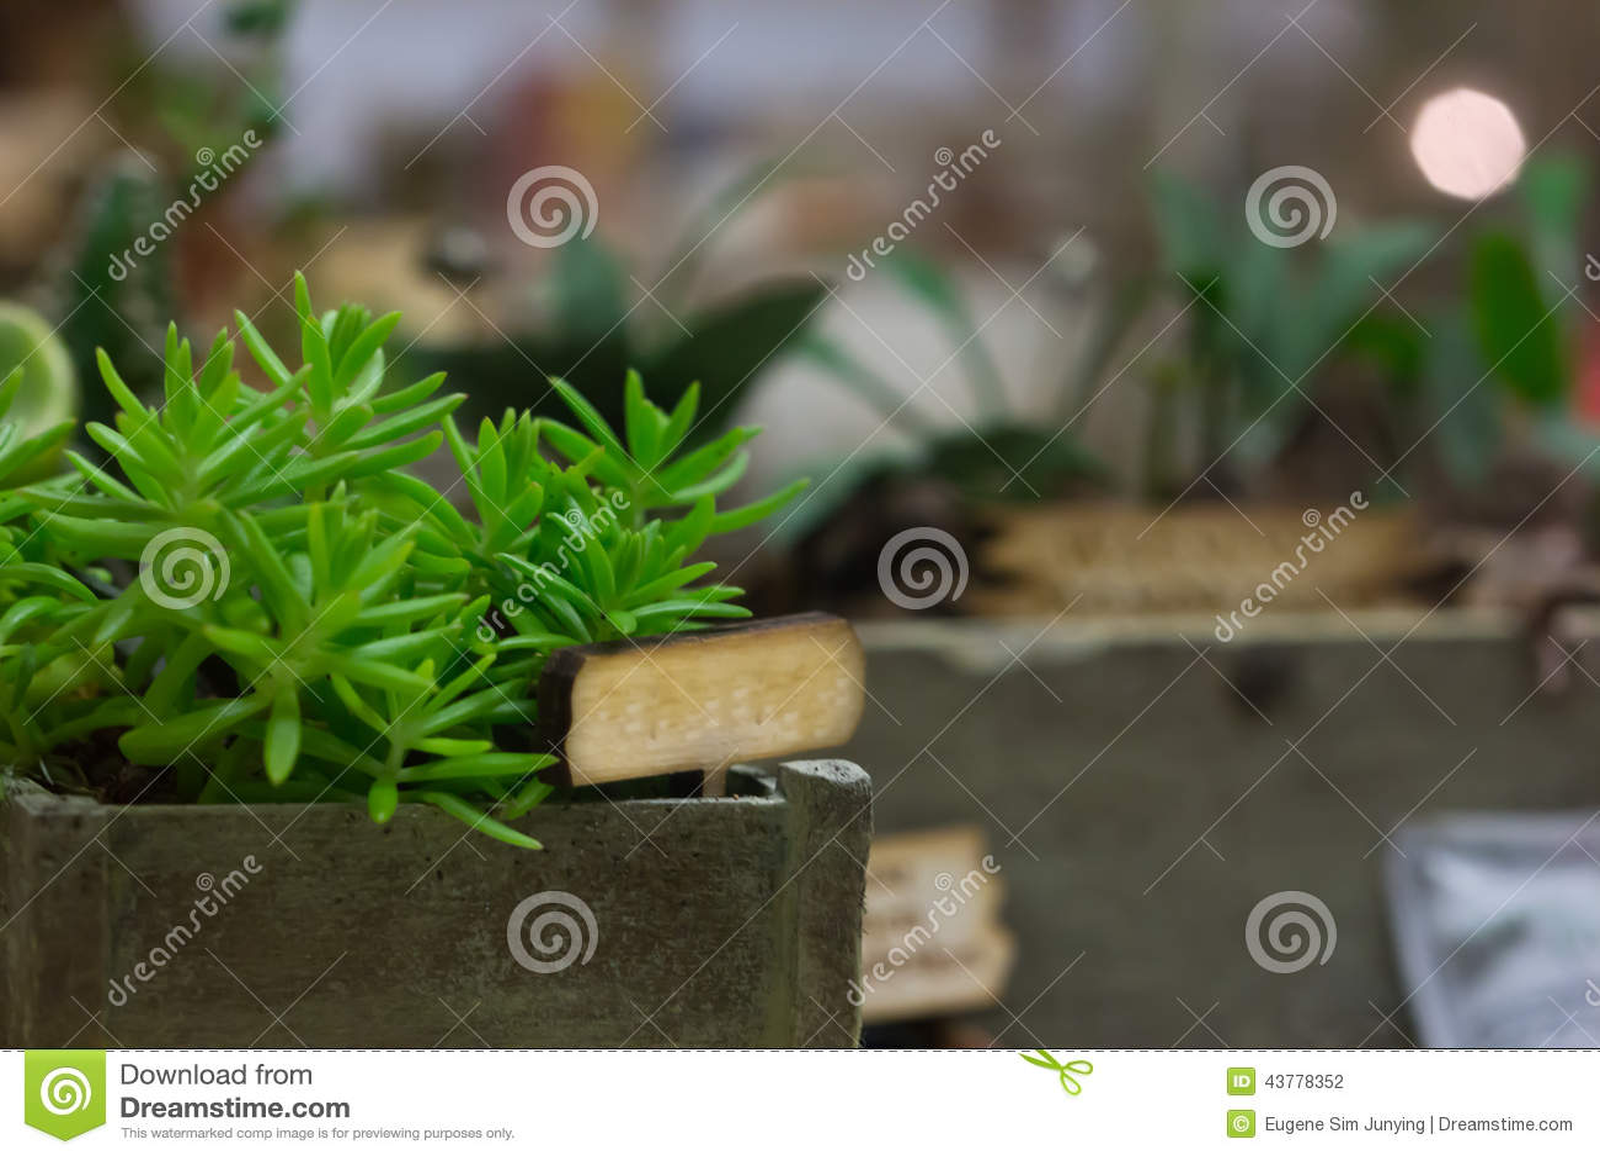 Miniaturowy glasshouse z plantatorskimi pudełkami